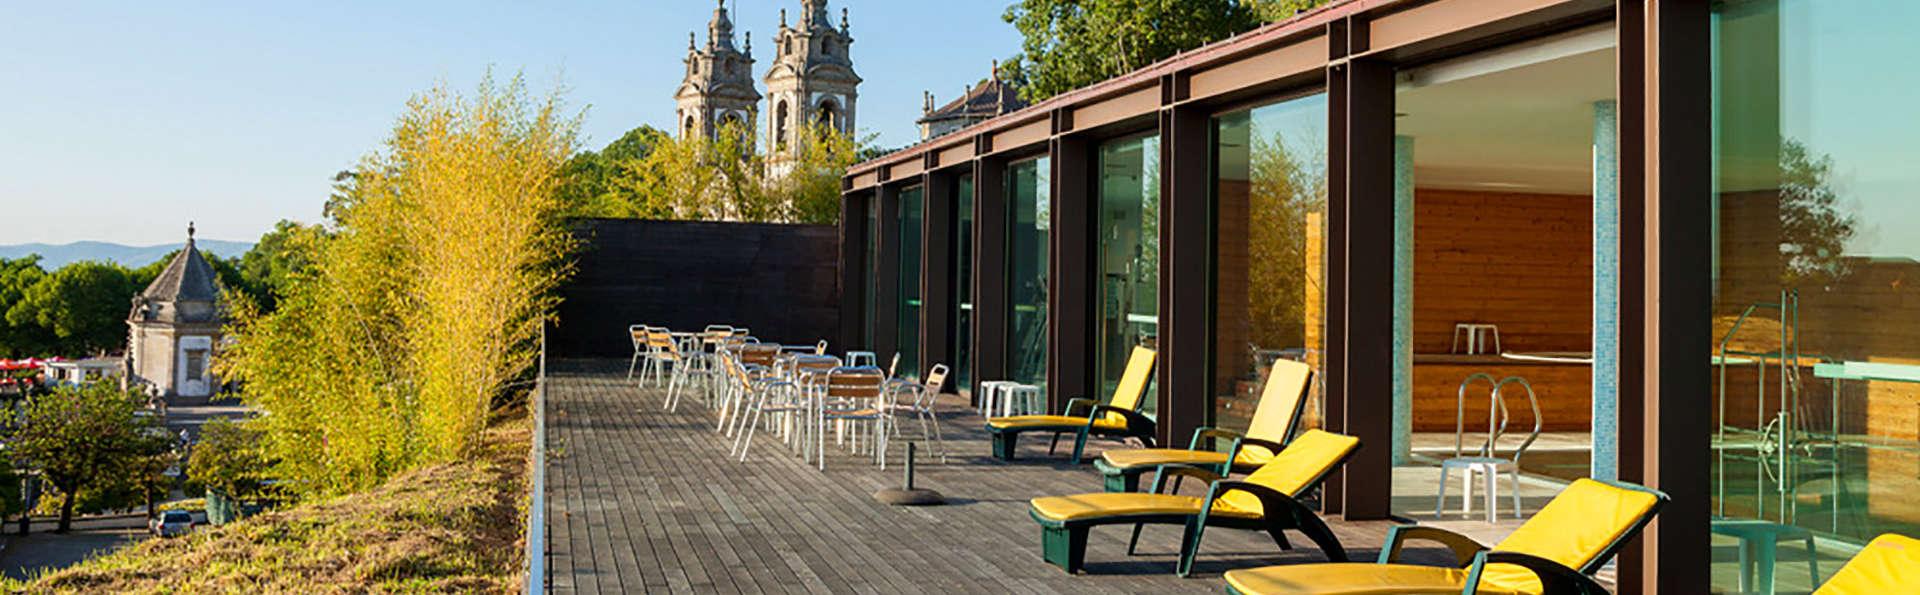 Escapada con acceso al Spa en un hotel con toque tradicional en Braga